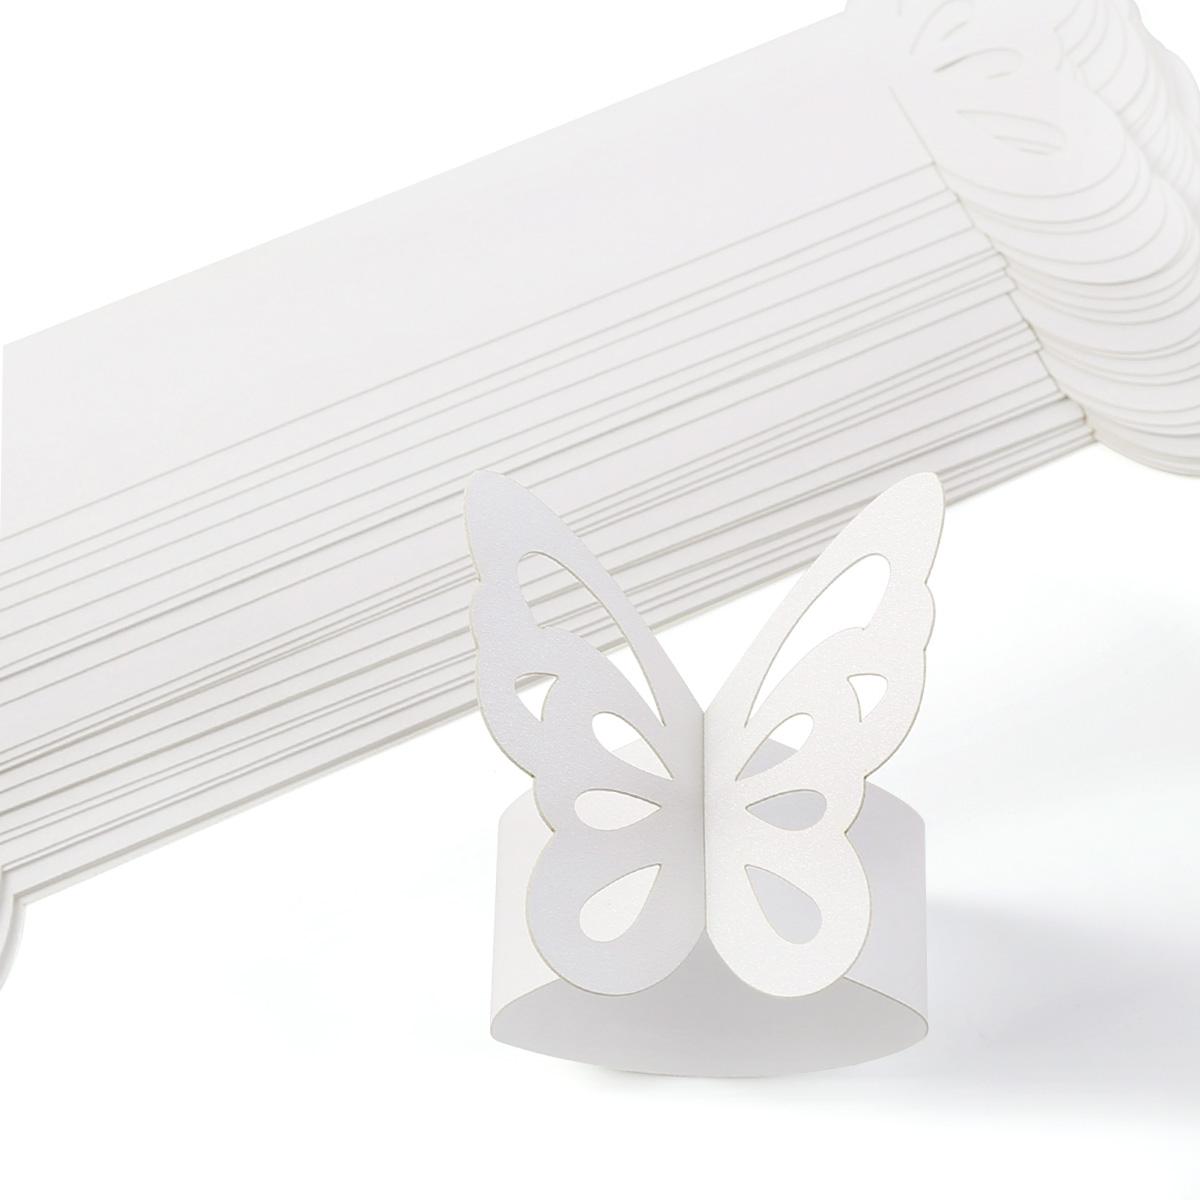 25 x papier serviettenring serviettenhalter platzkarten hochzeit bankette deko ebay. Black Bedroom Furniture Sets. Home Design Ideas